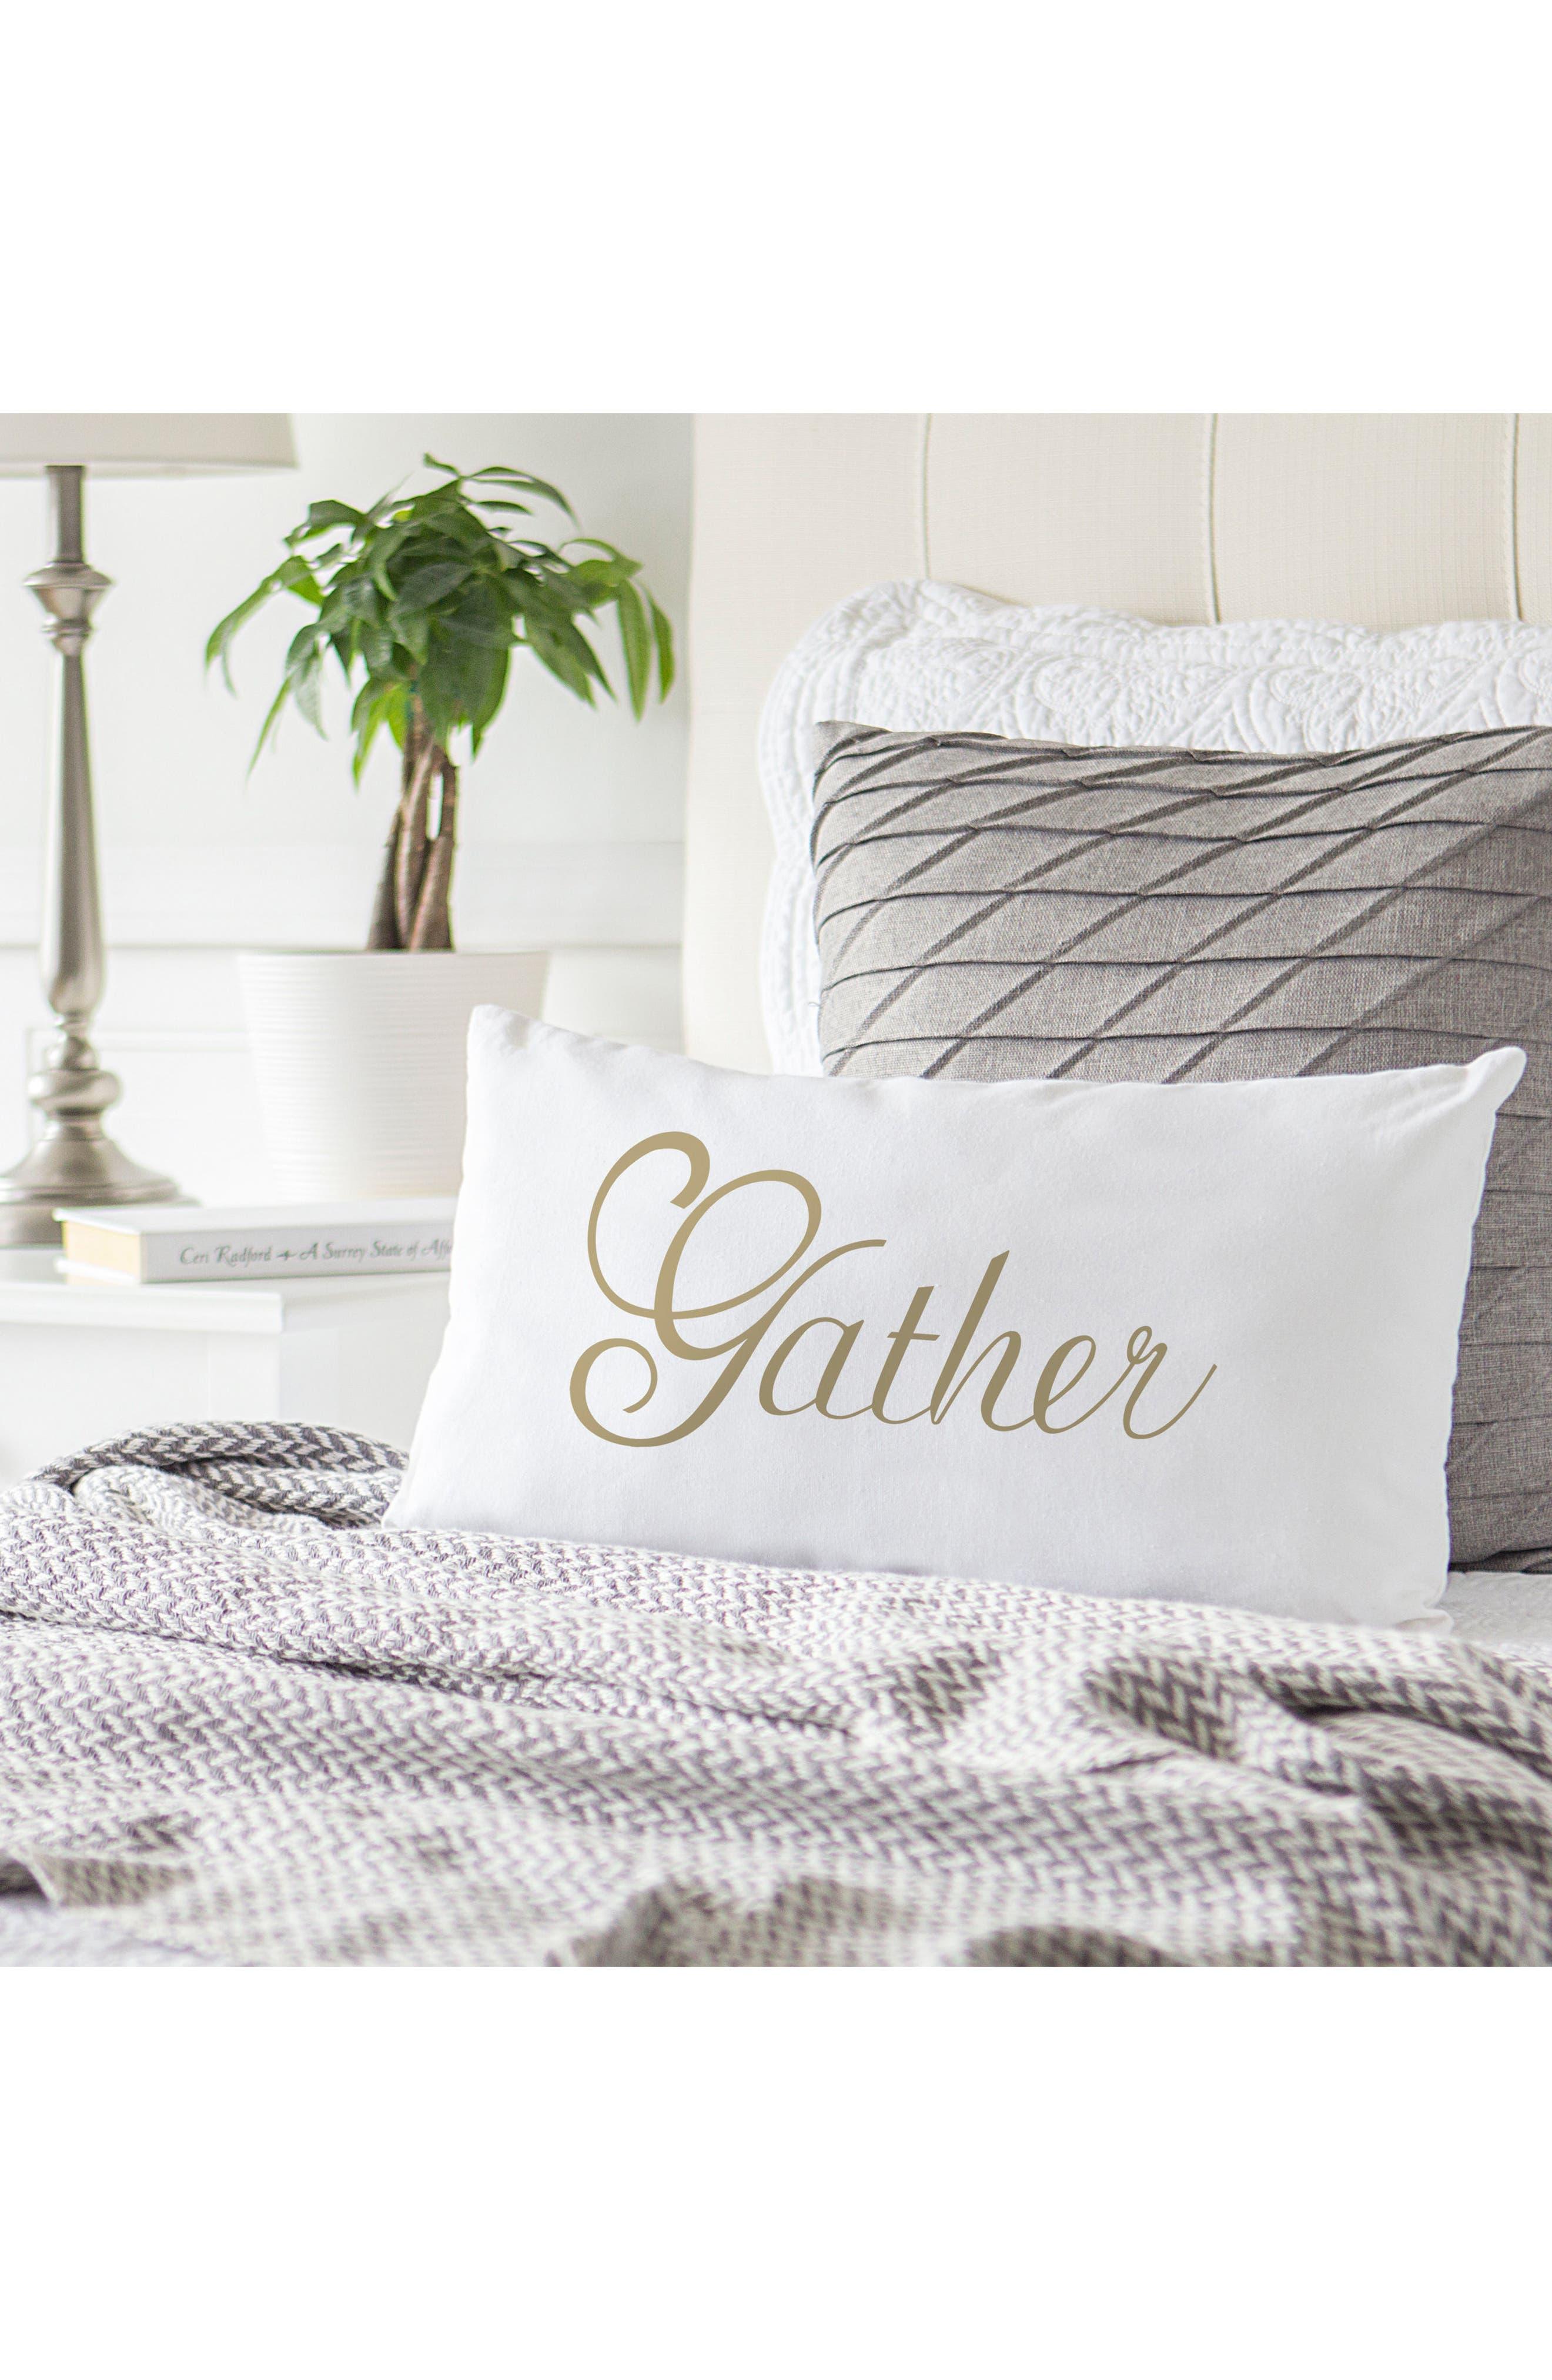 Gather Lumbar Accent Pillow,                             Alternate thumbnail 4, color,                             710